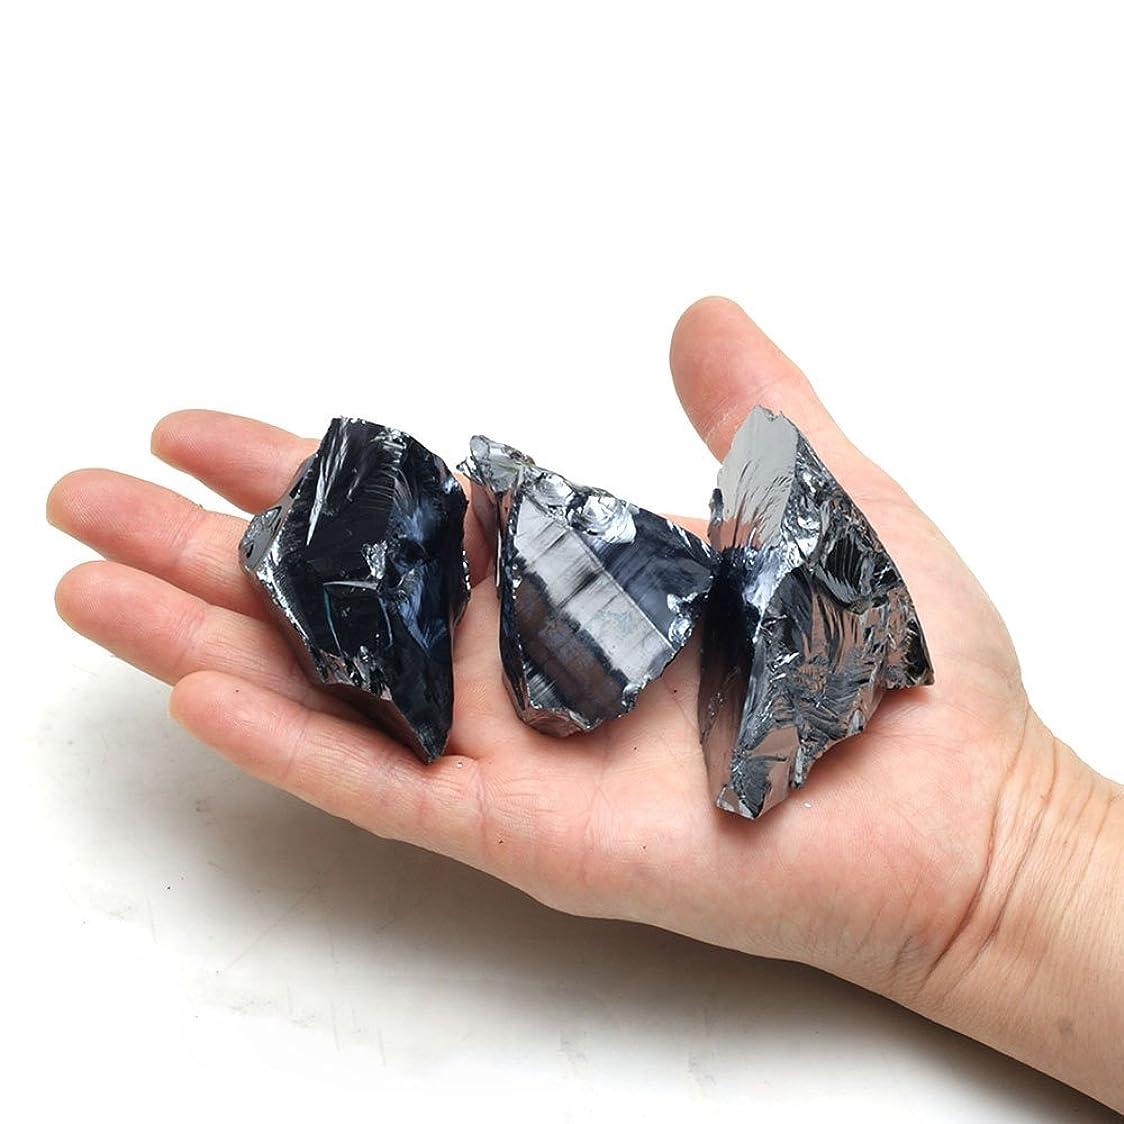 乱闘治療パールテラヘルツ鉱石 原石3個セット 200g ランダム発送 公的機関にて検査済み!テラヘルツ 本物保証 パワーストーン 天然石 超遠赤外線 健康